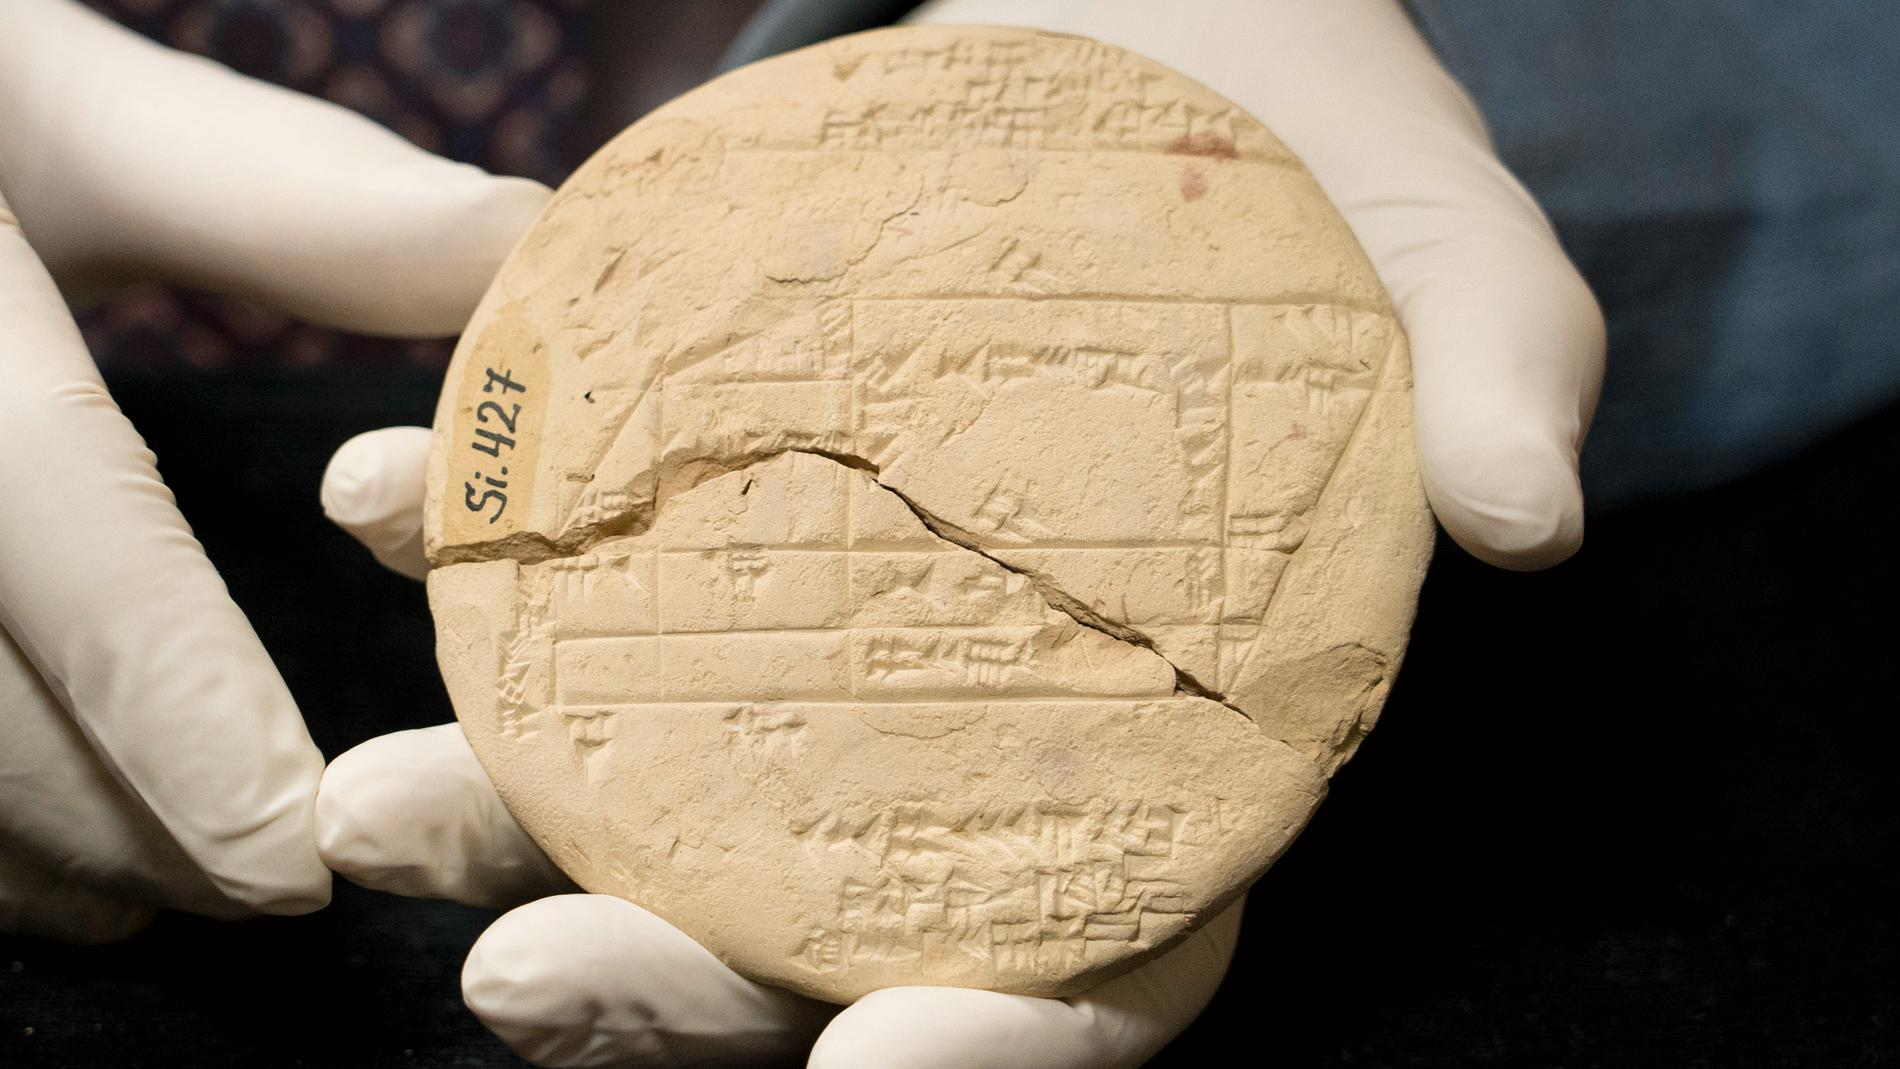 Babylonierna använde sig av så kallade Pythogoreiska tripplar redan 1000 år före den grekiske matematikerns födelse. Den avancerade matematiken användes oftast för att lösa landtvister.